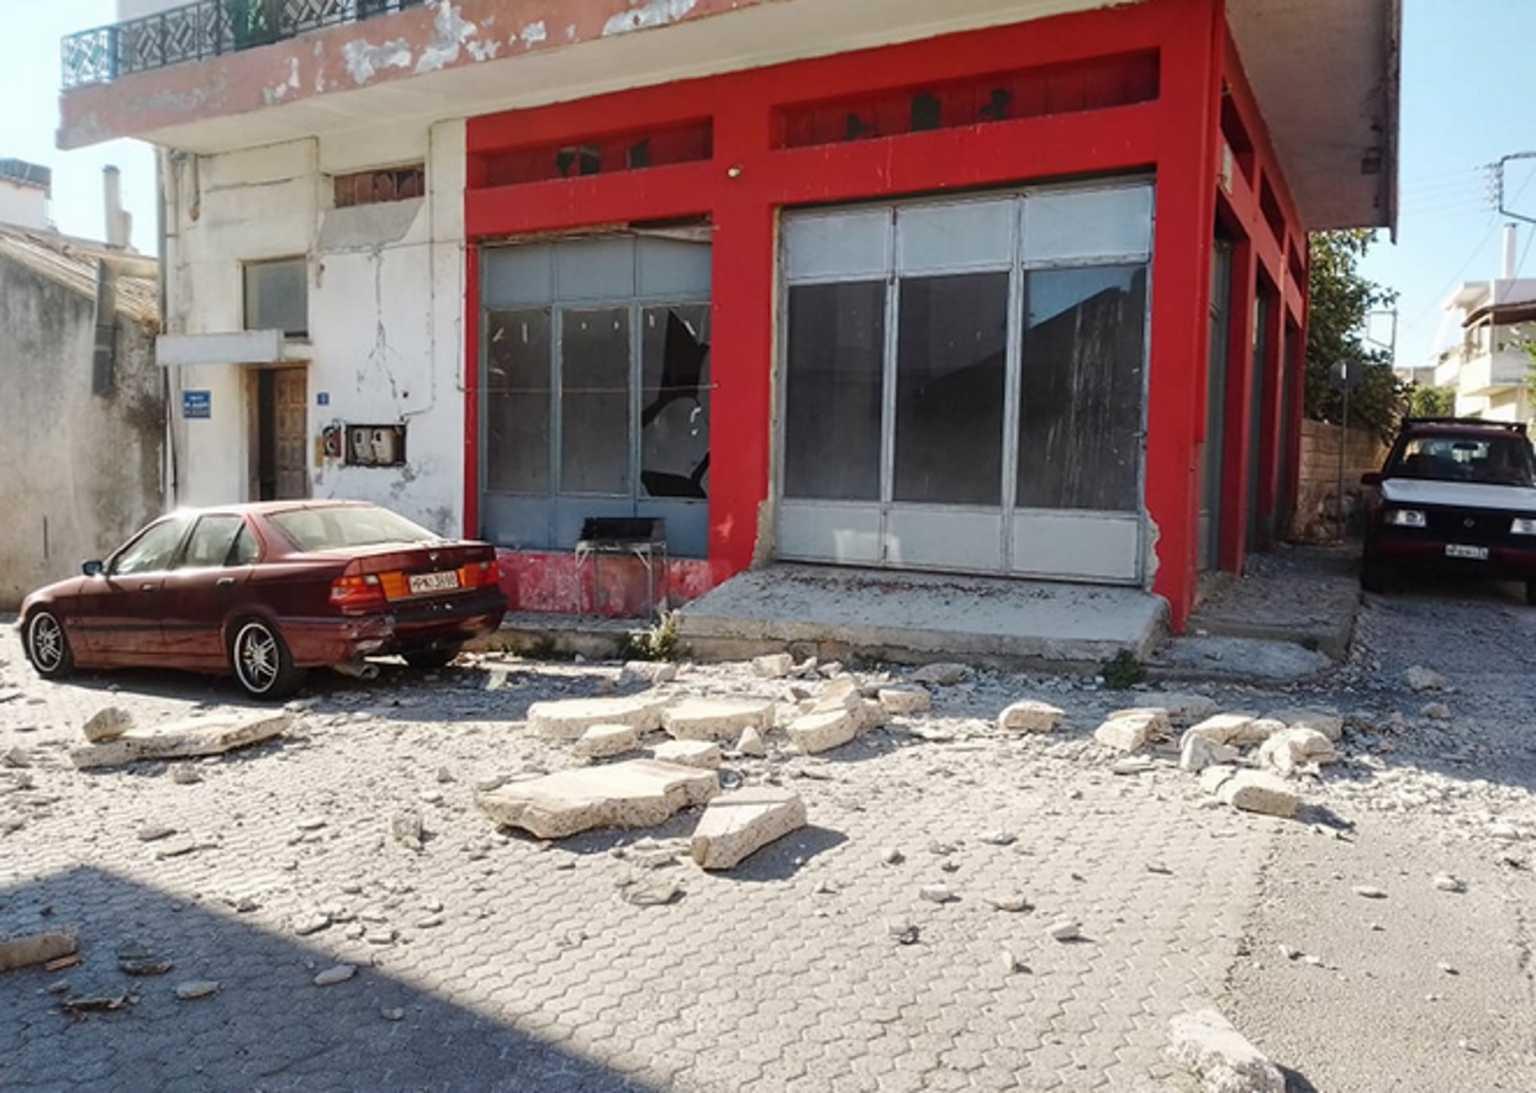 Σεισμός στην Κρήτη: Η ΕΛΑΣ διαψεύδει τις πληροφορίες για πλιάτσικο σε σπίτια